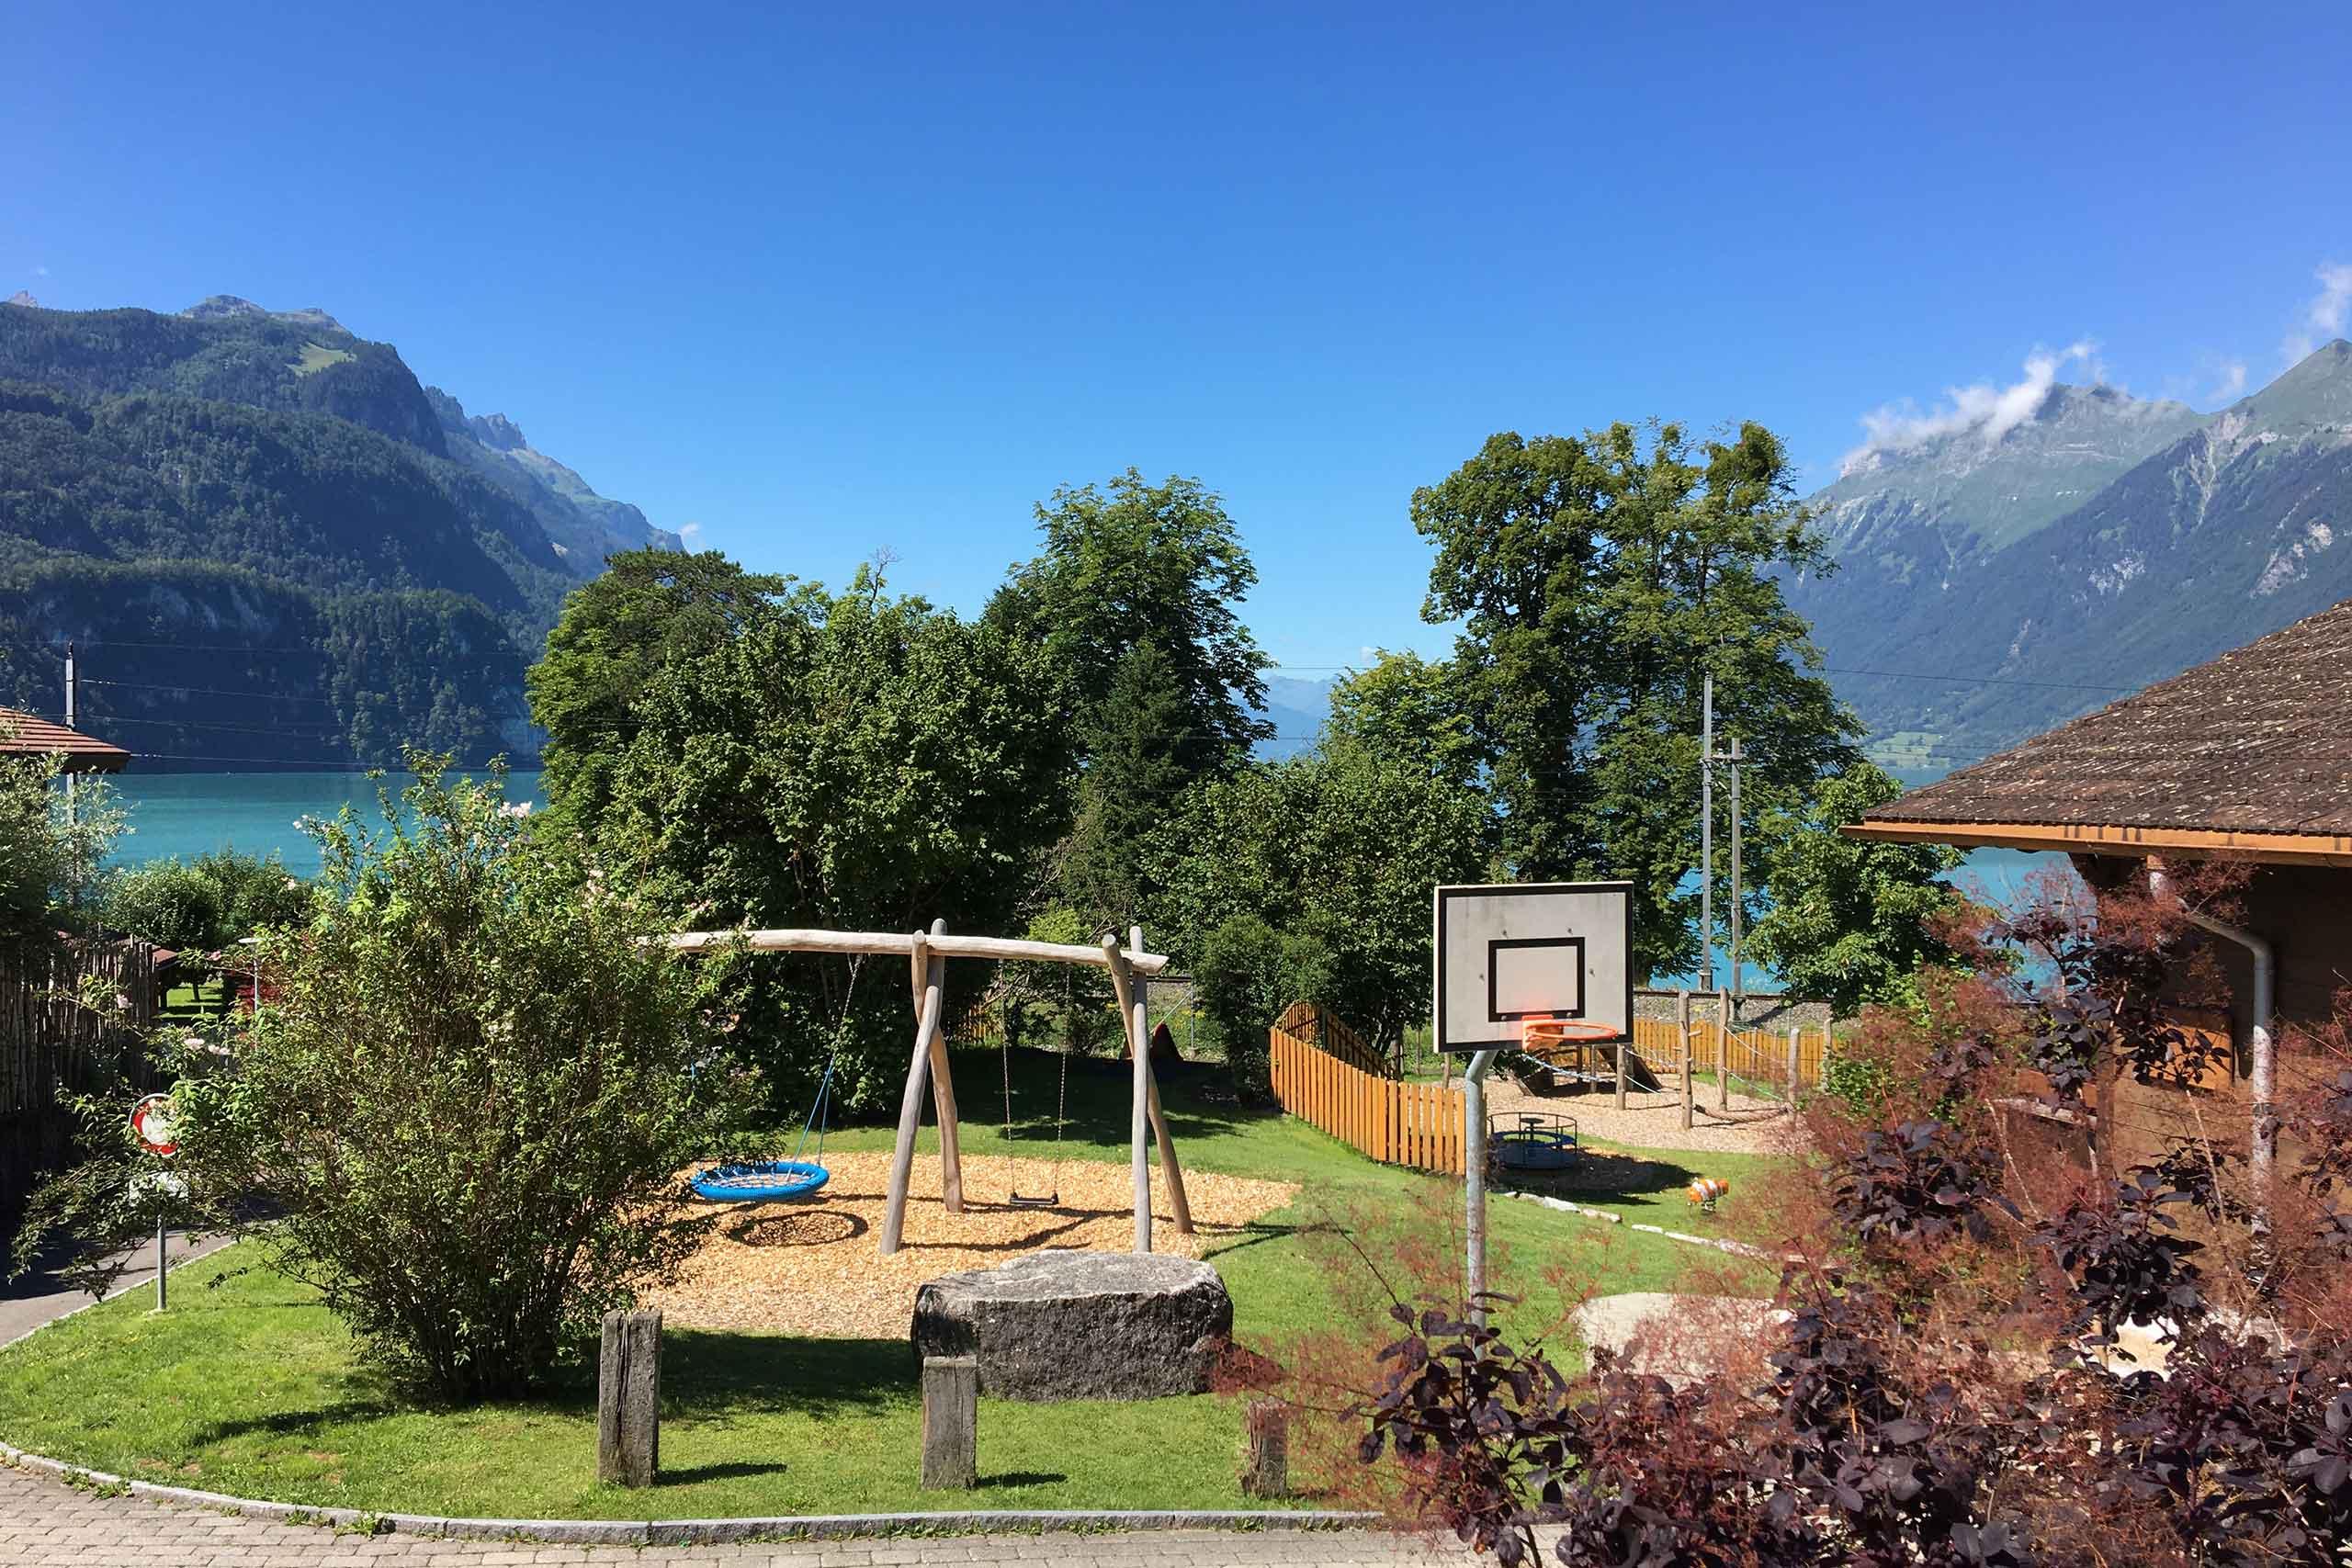 spielplatz-max-buri-brienz-schaukel-basketball.jpg